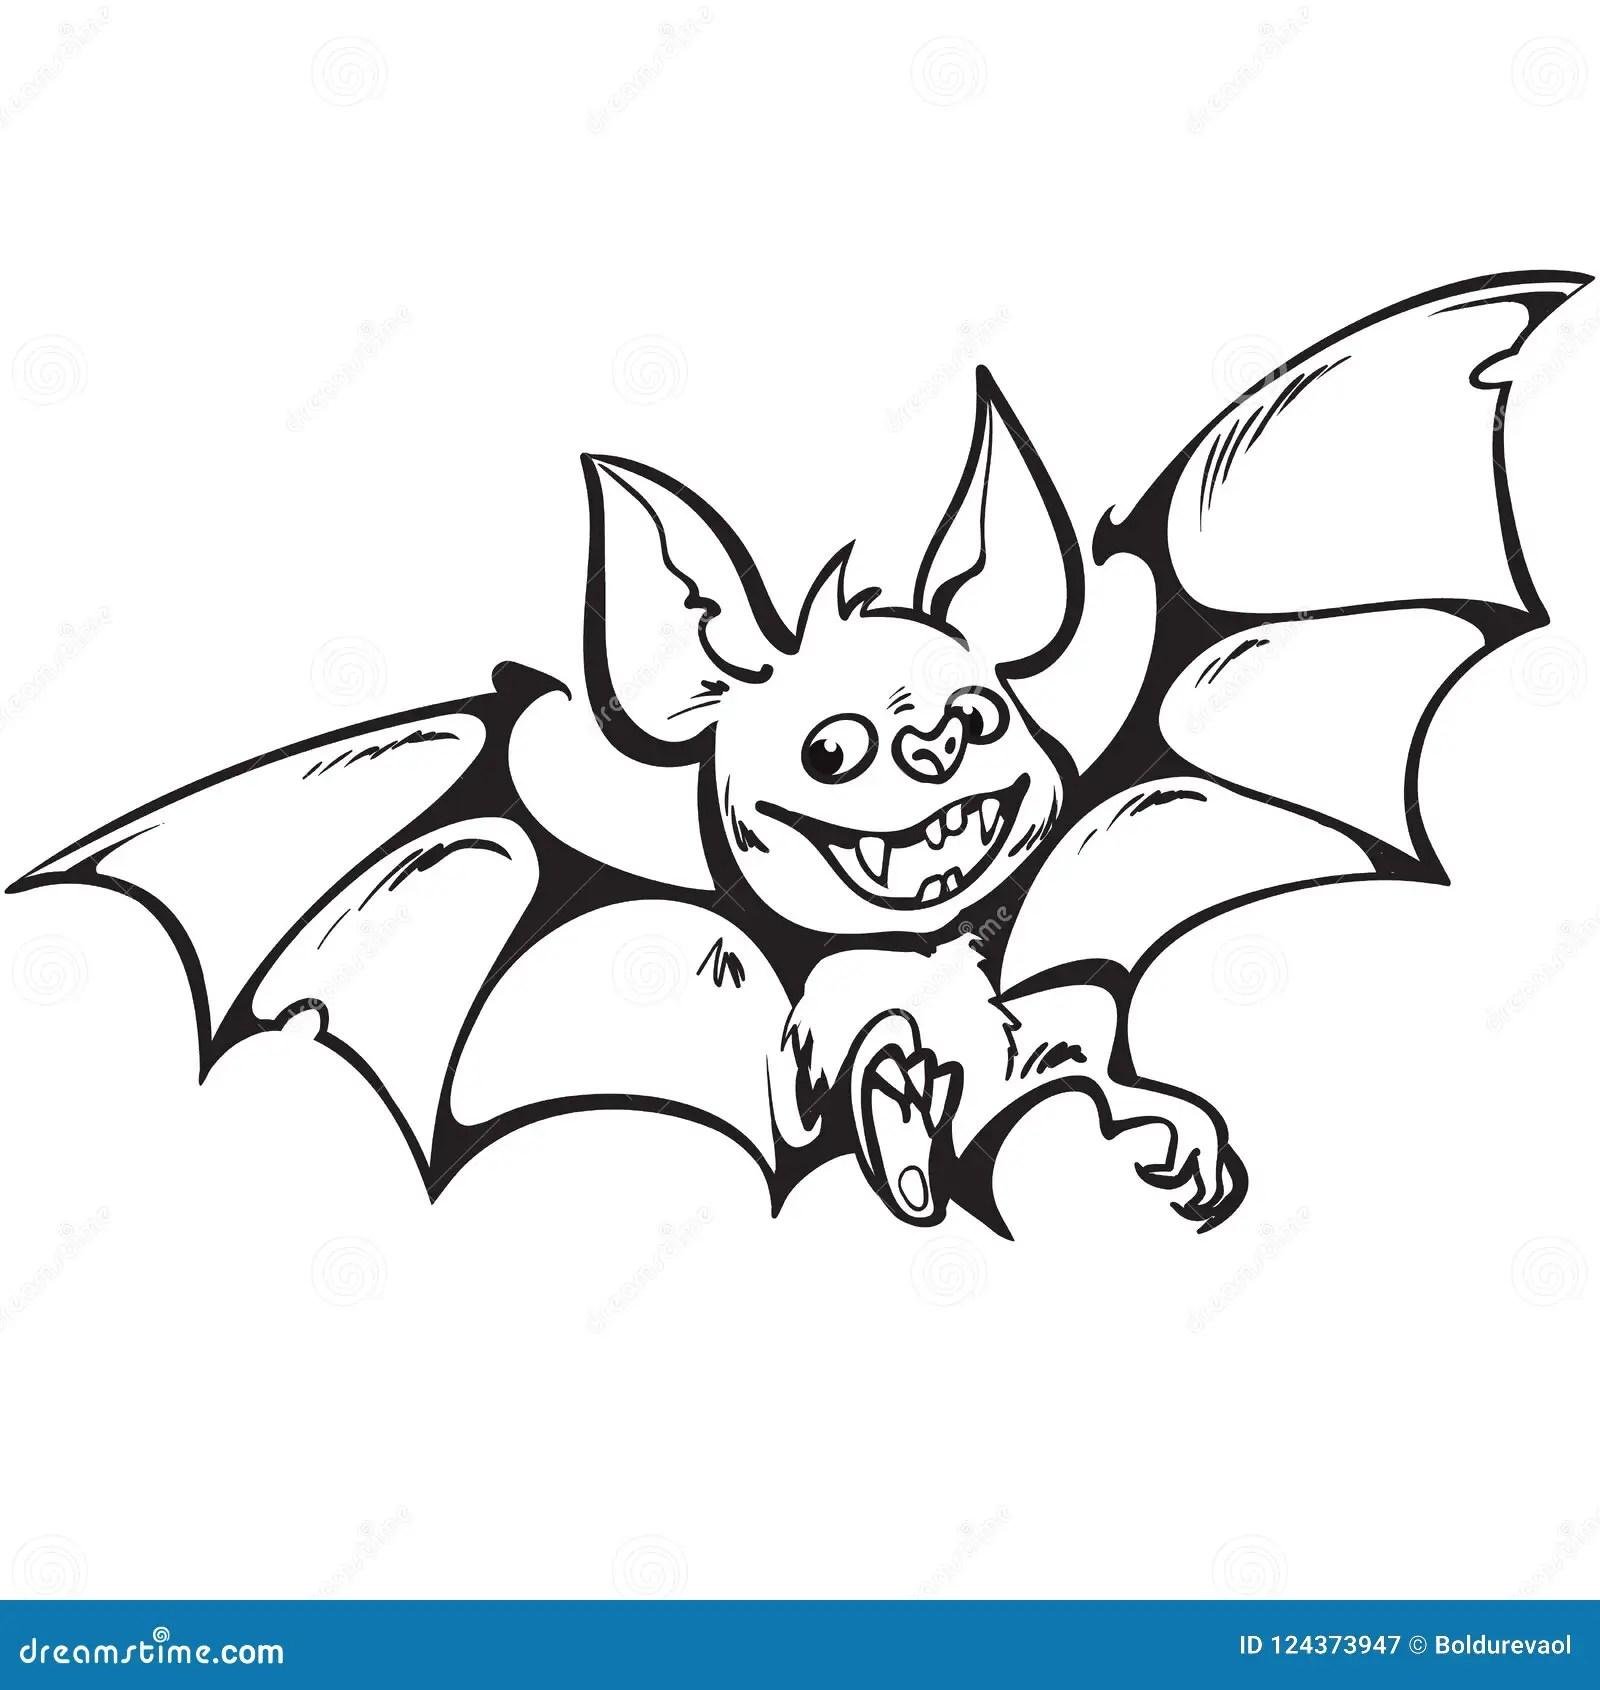 Cartoon Cute Happy Vampire Bat Halloween Character Black